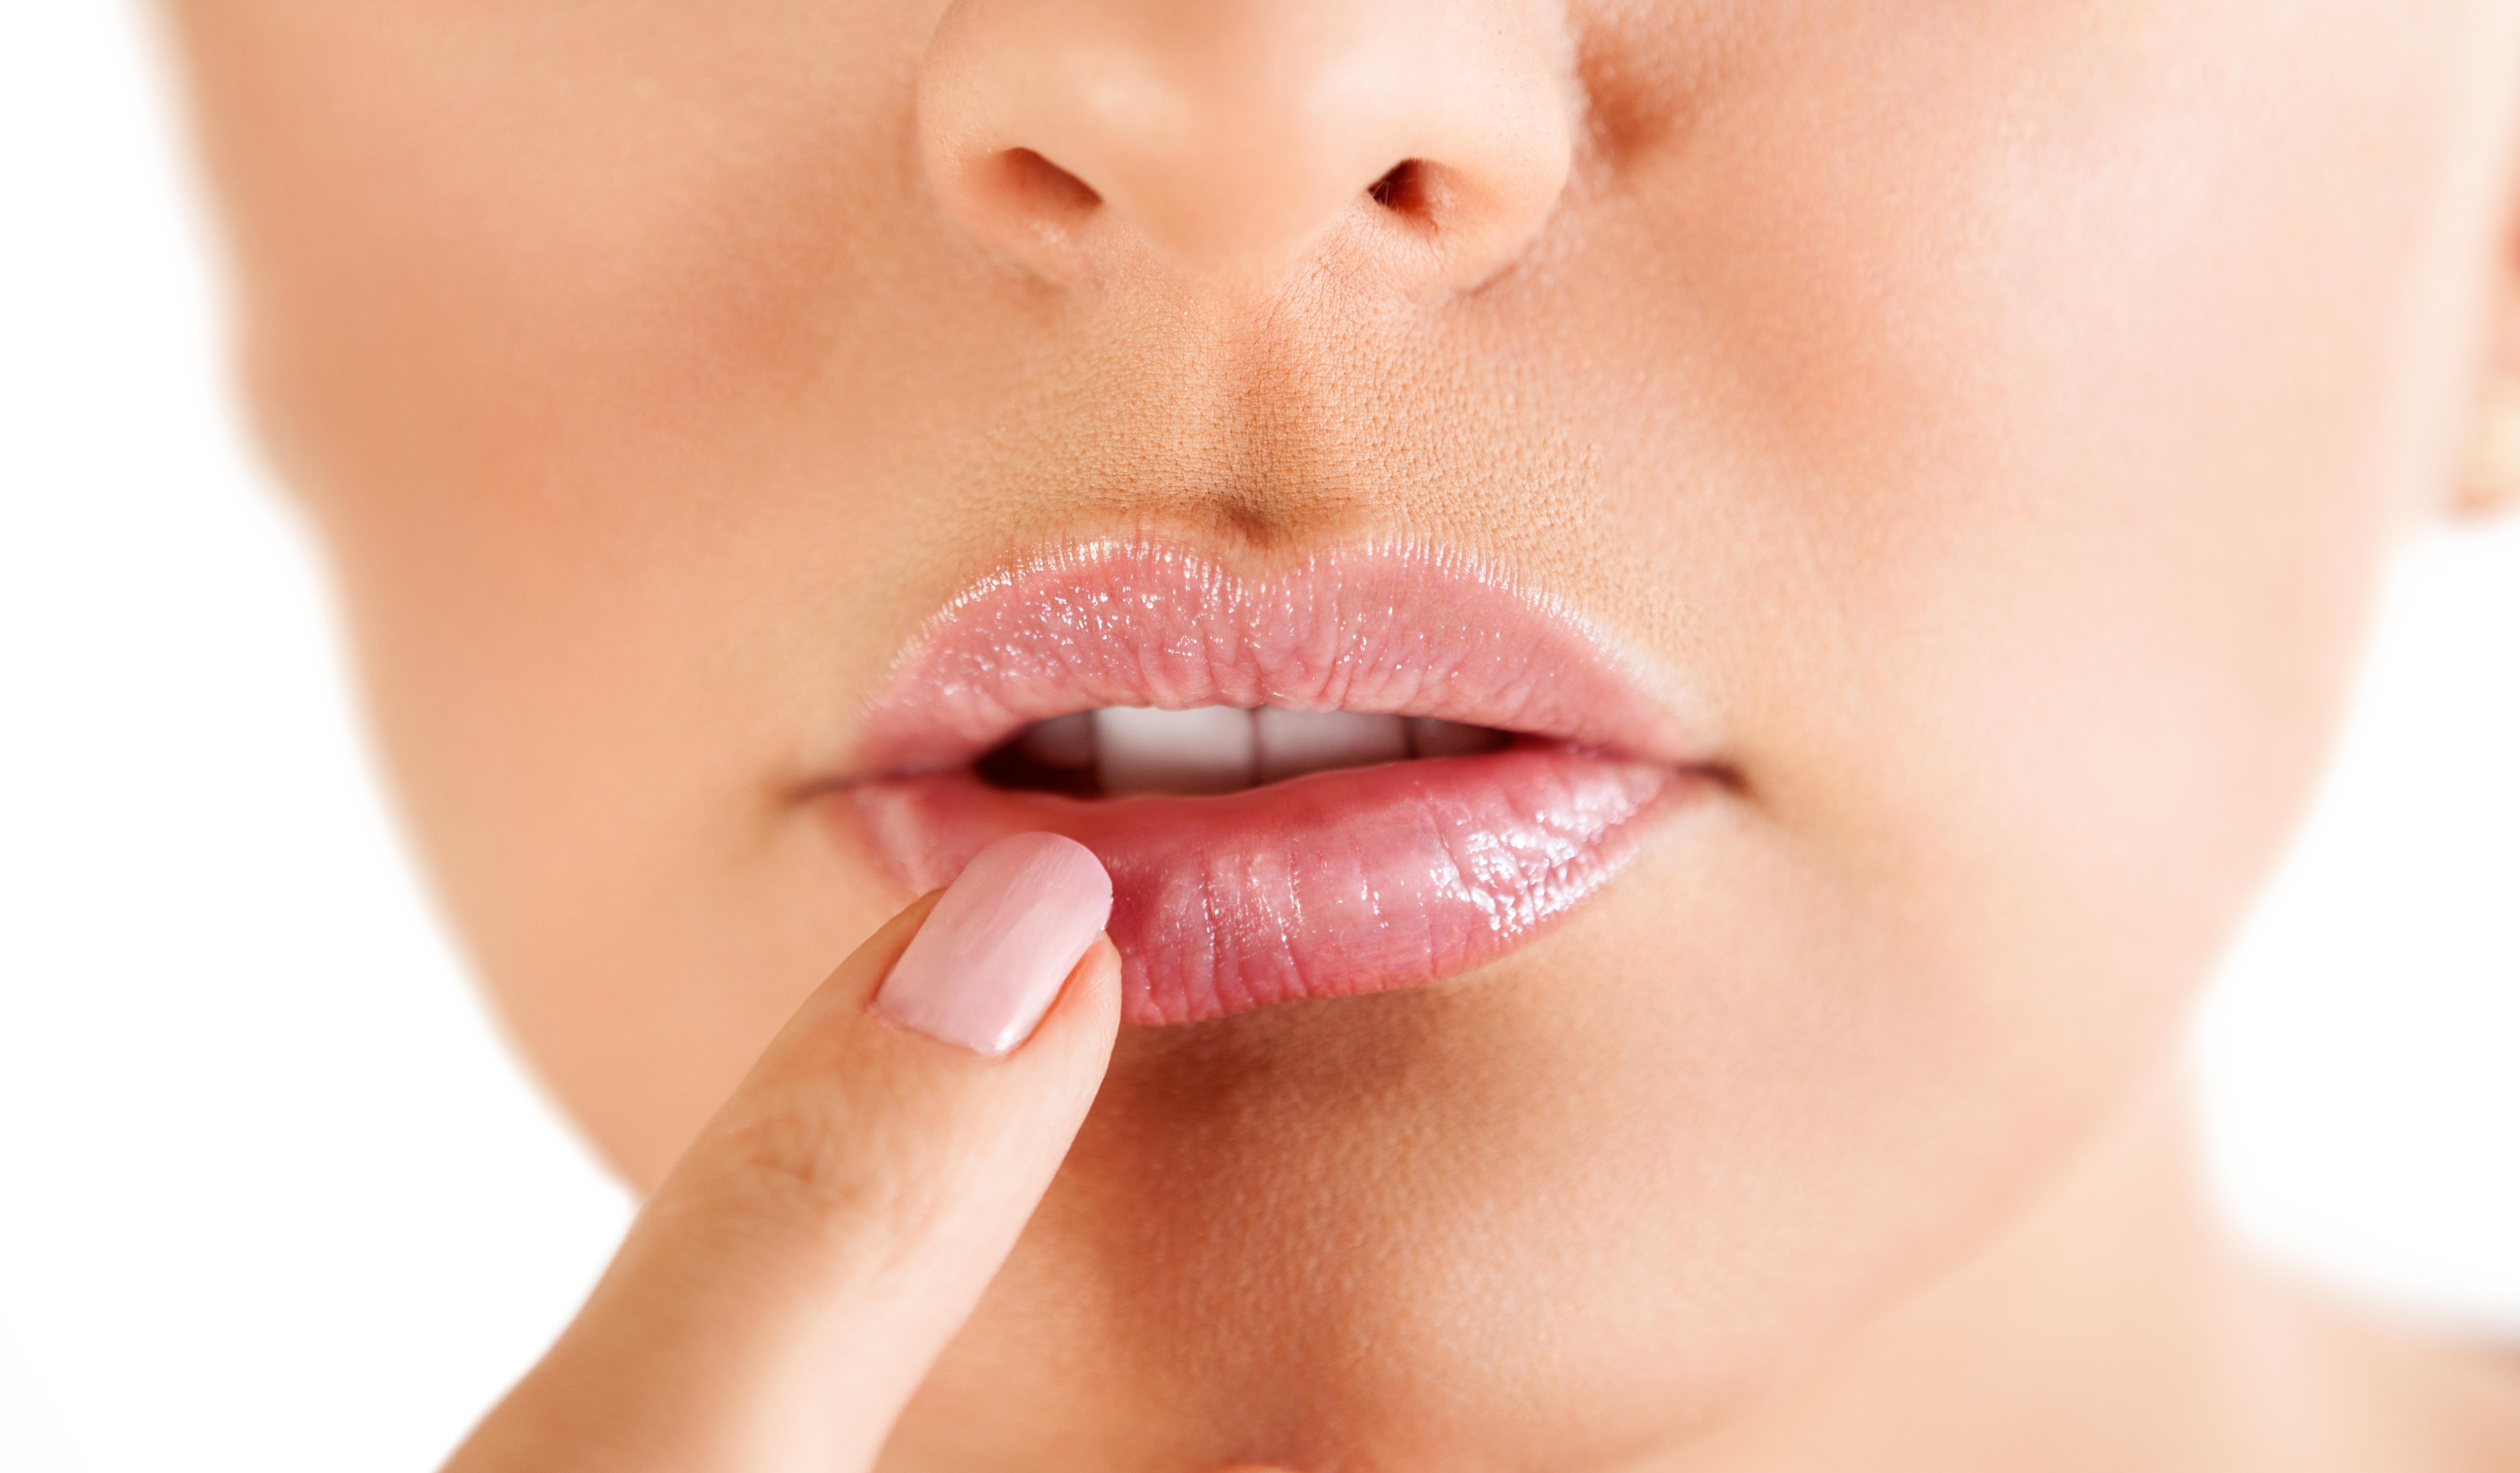 Pet načina kako da se prirodnim putem izborite sa herpesom